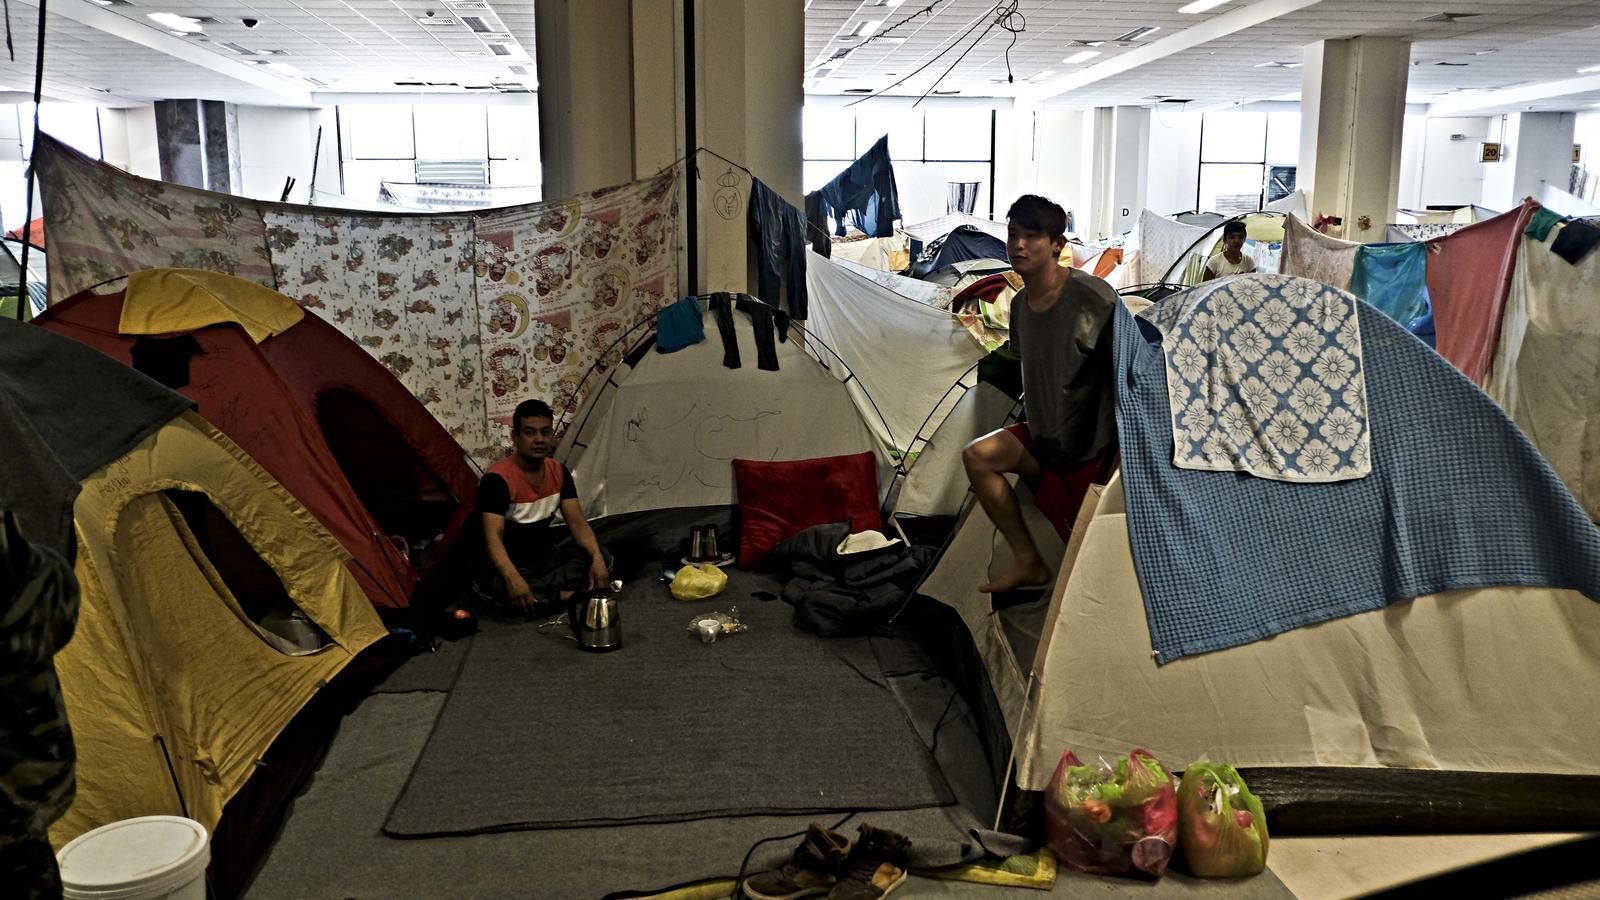 Refugiats afganesos malvivint en tendes de campanya dins la terminal abandonada d'Elliniko, l'antic aeroport d'Atenes